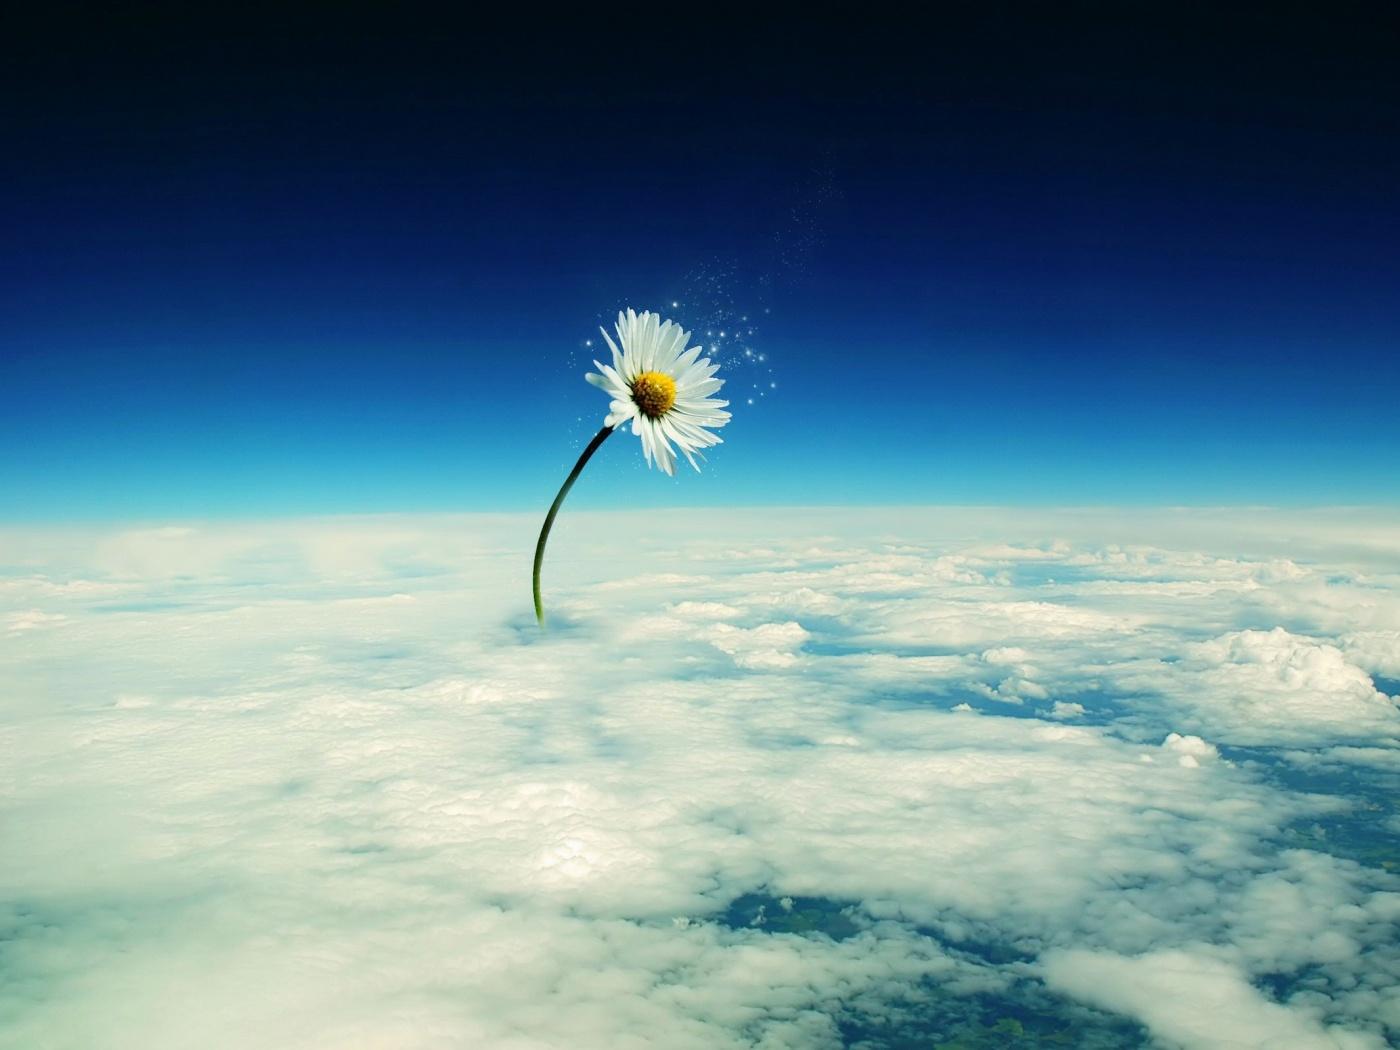 ромашка растет на облаках, скачать фото, обои для рабочего стола